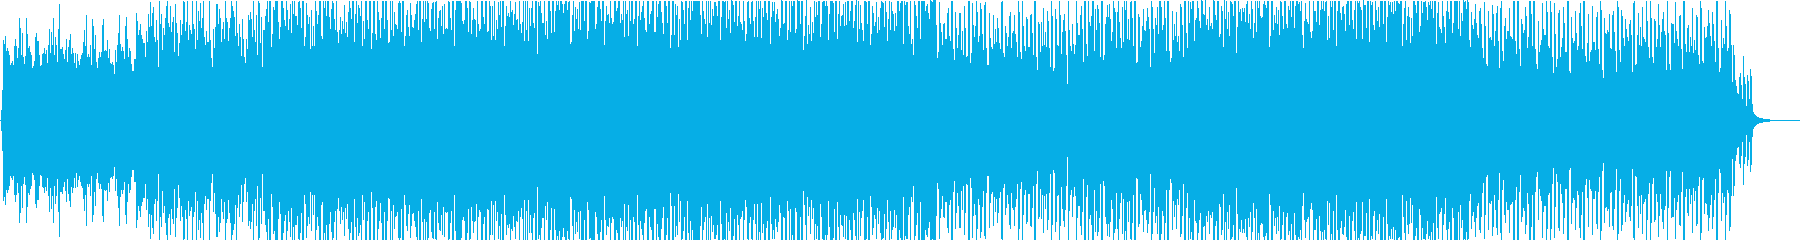 ニュース緊急速報BGMの再生済みの波形